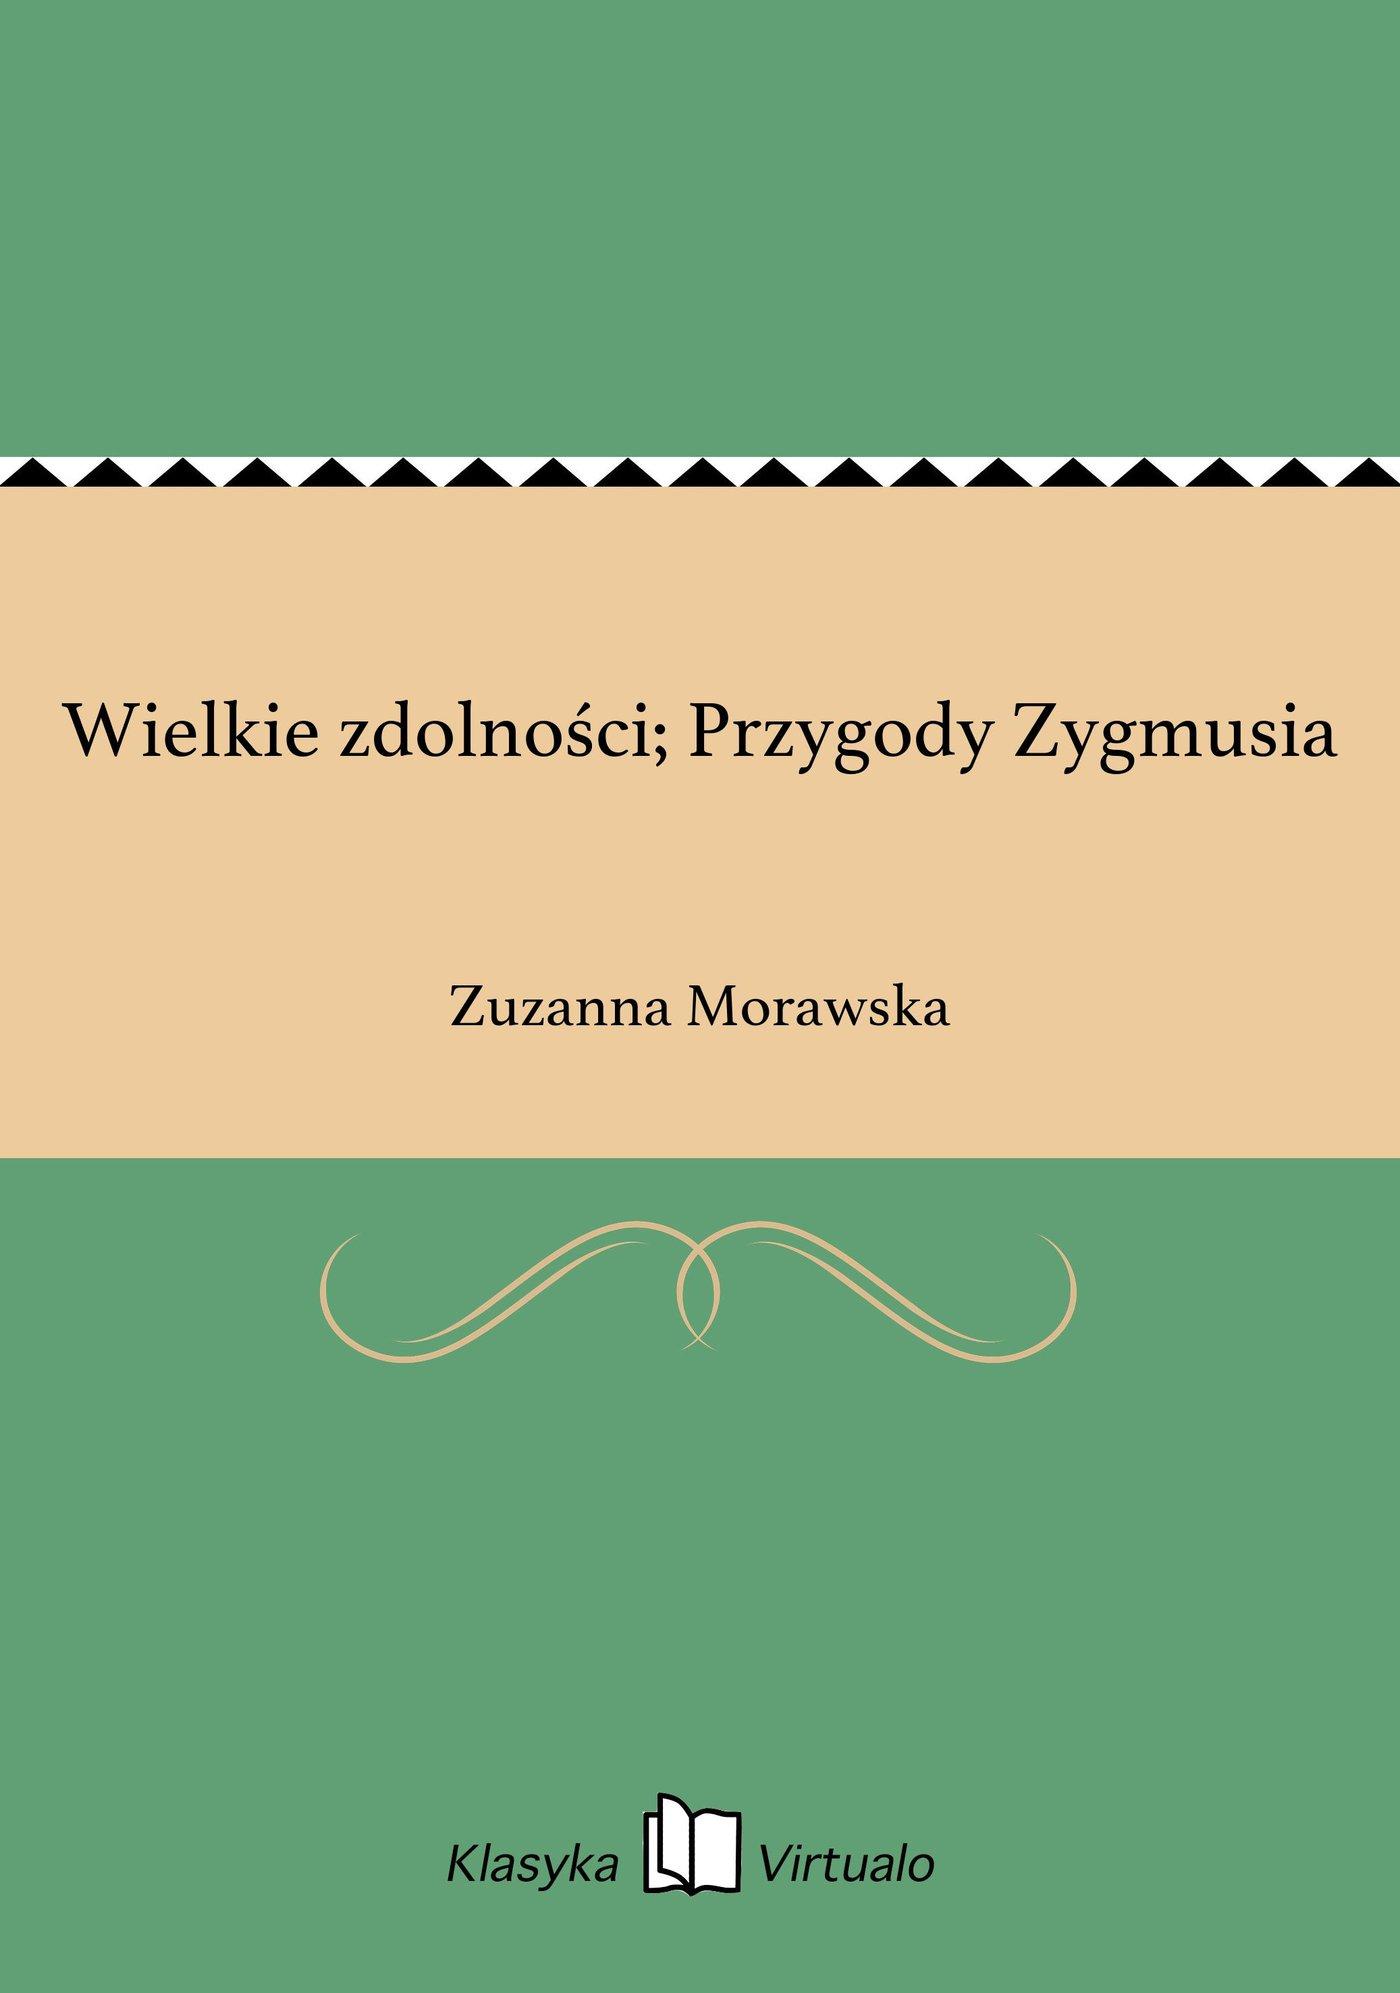 Wielkie zdolności; Przygody Zygmusia - Ebook (Książka na Kindle) do pobrania w formacie MOBI